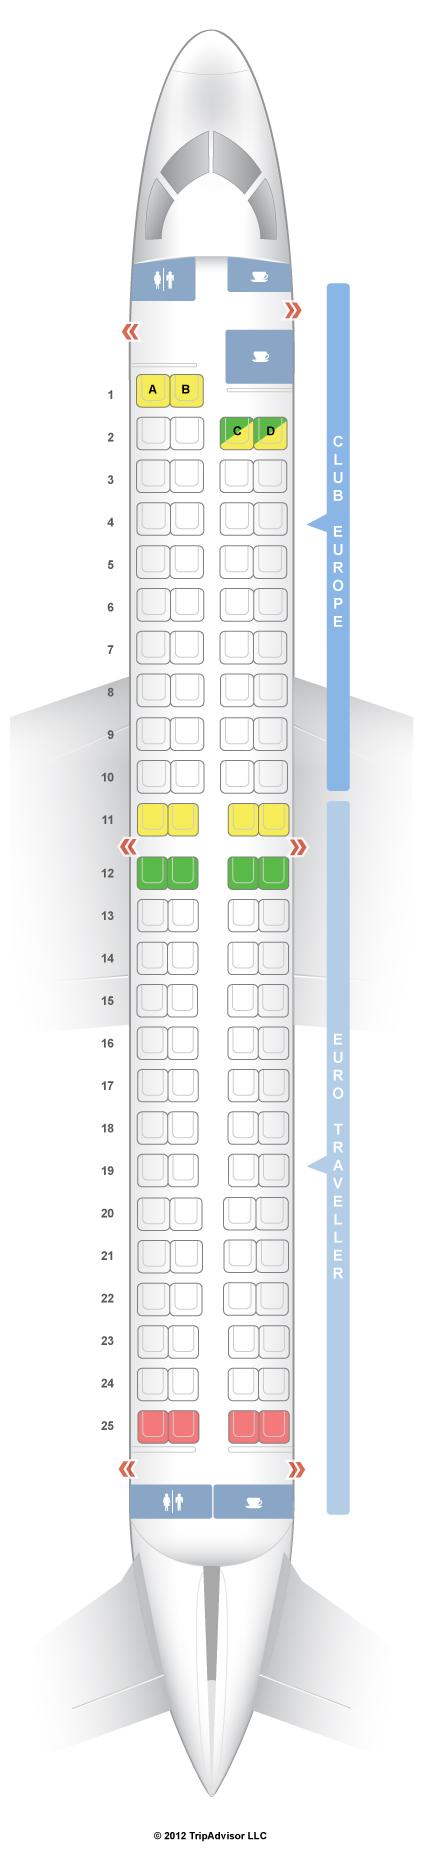 Embraer 195 Seating Plan Aurigny Brokeasshome Com